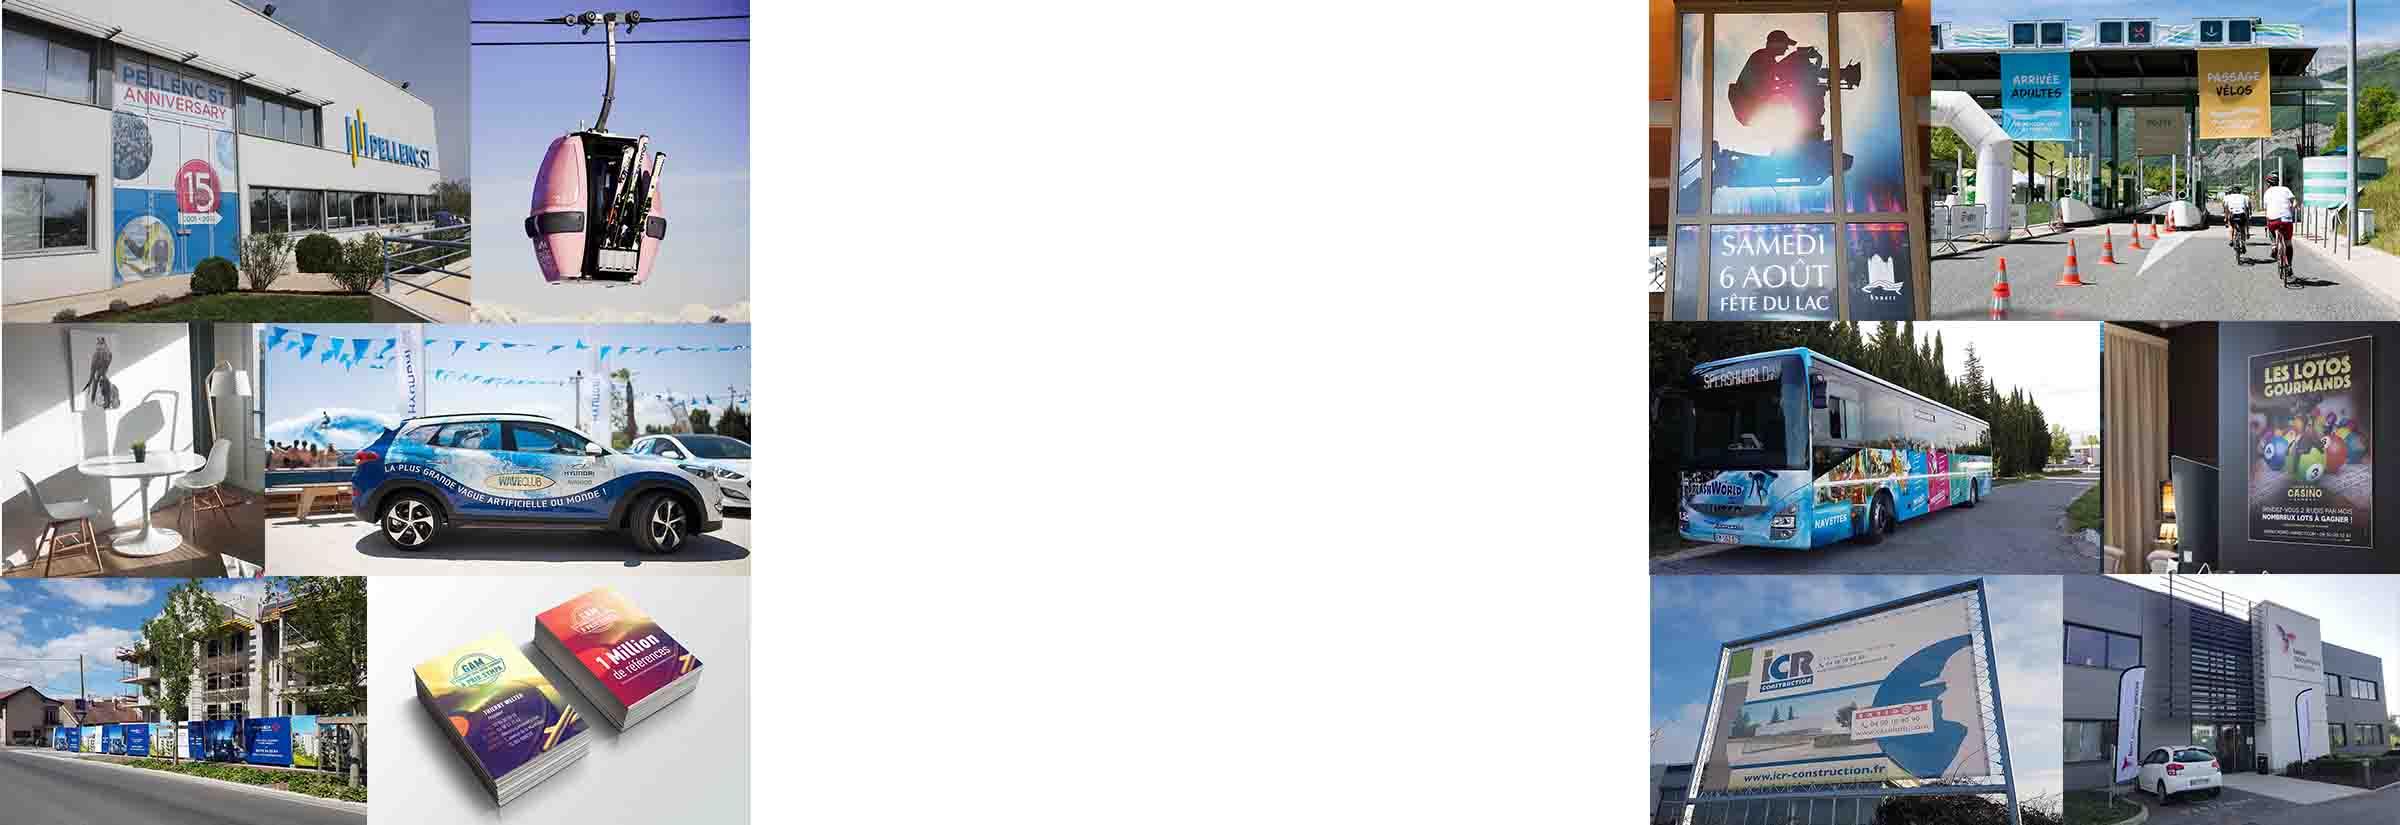 MAAC prod-signaletique-annecy-savoie-haute savoie-rhone-rhone alpes